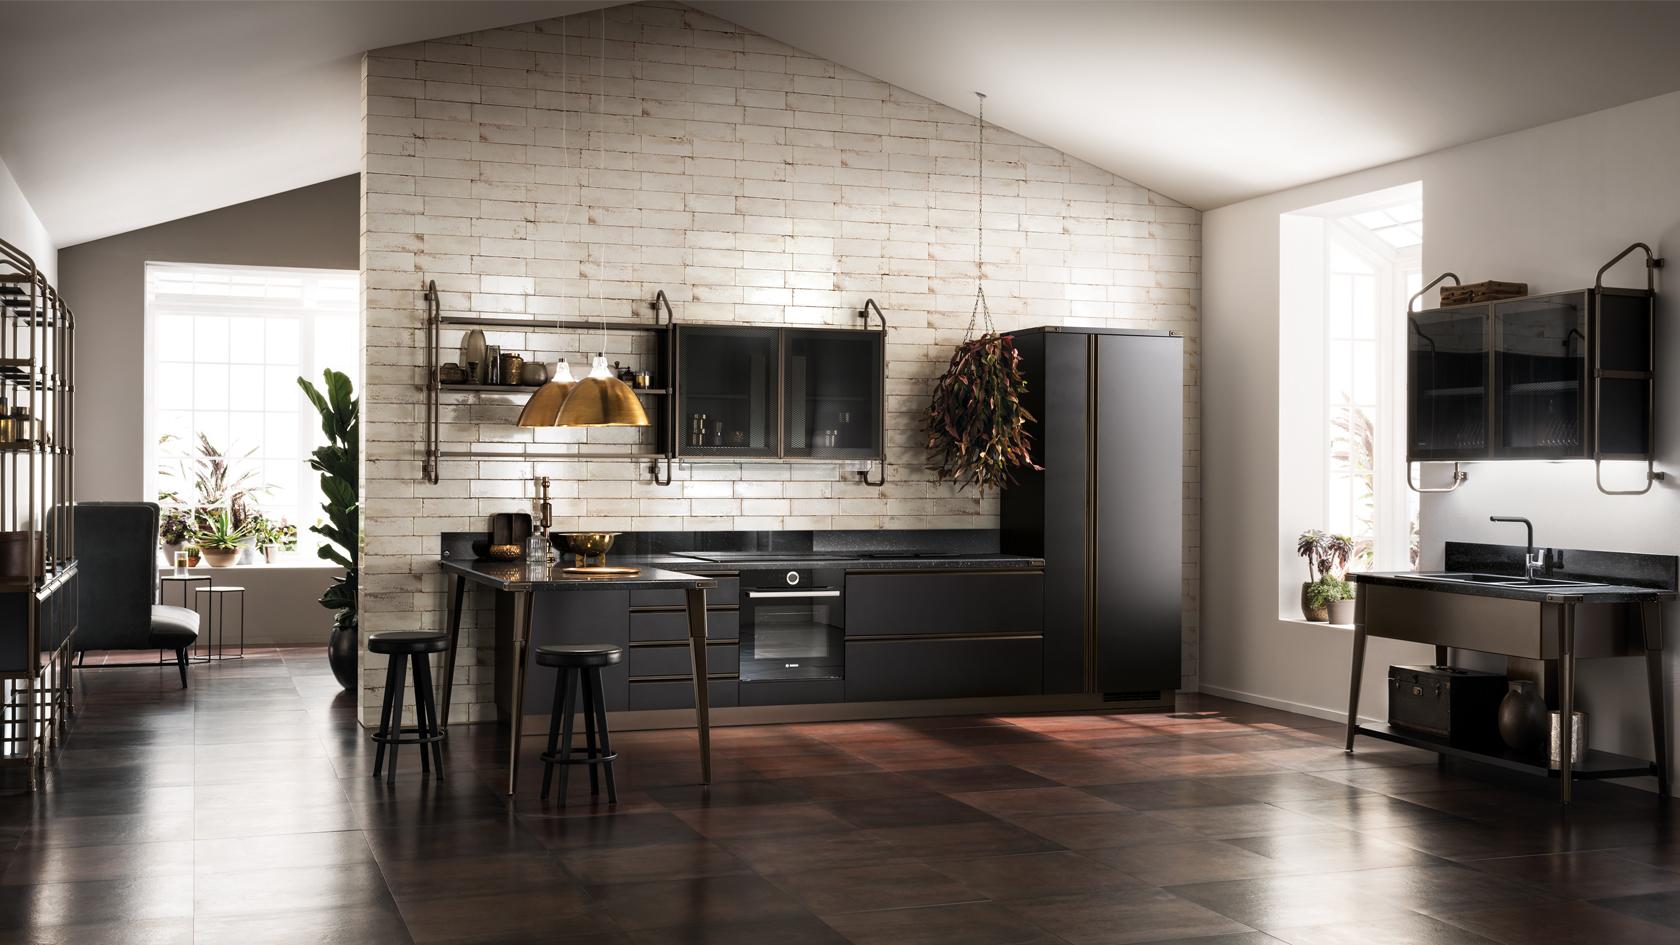 Cucine moderne scavolini torino arredamenti quaglio for Cucine design torino